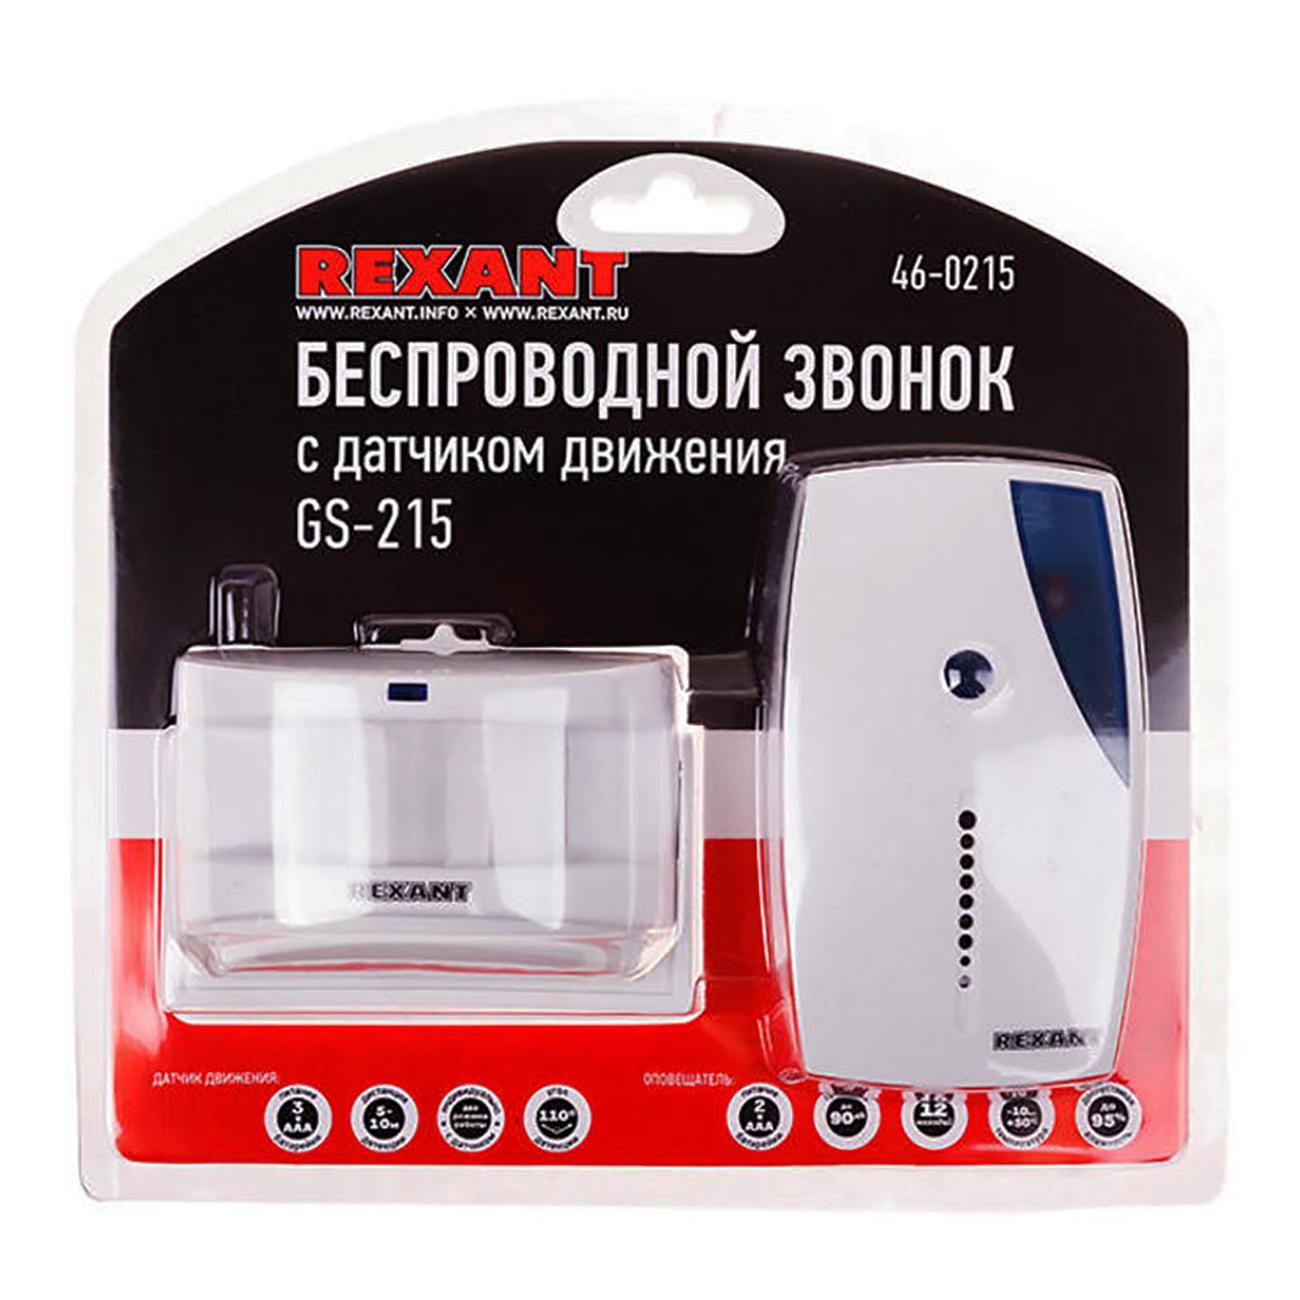 Фото Беспроводной звонок Rexant GS-215 с выносным датчиком движения {46-0215} (4)